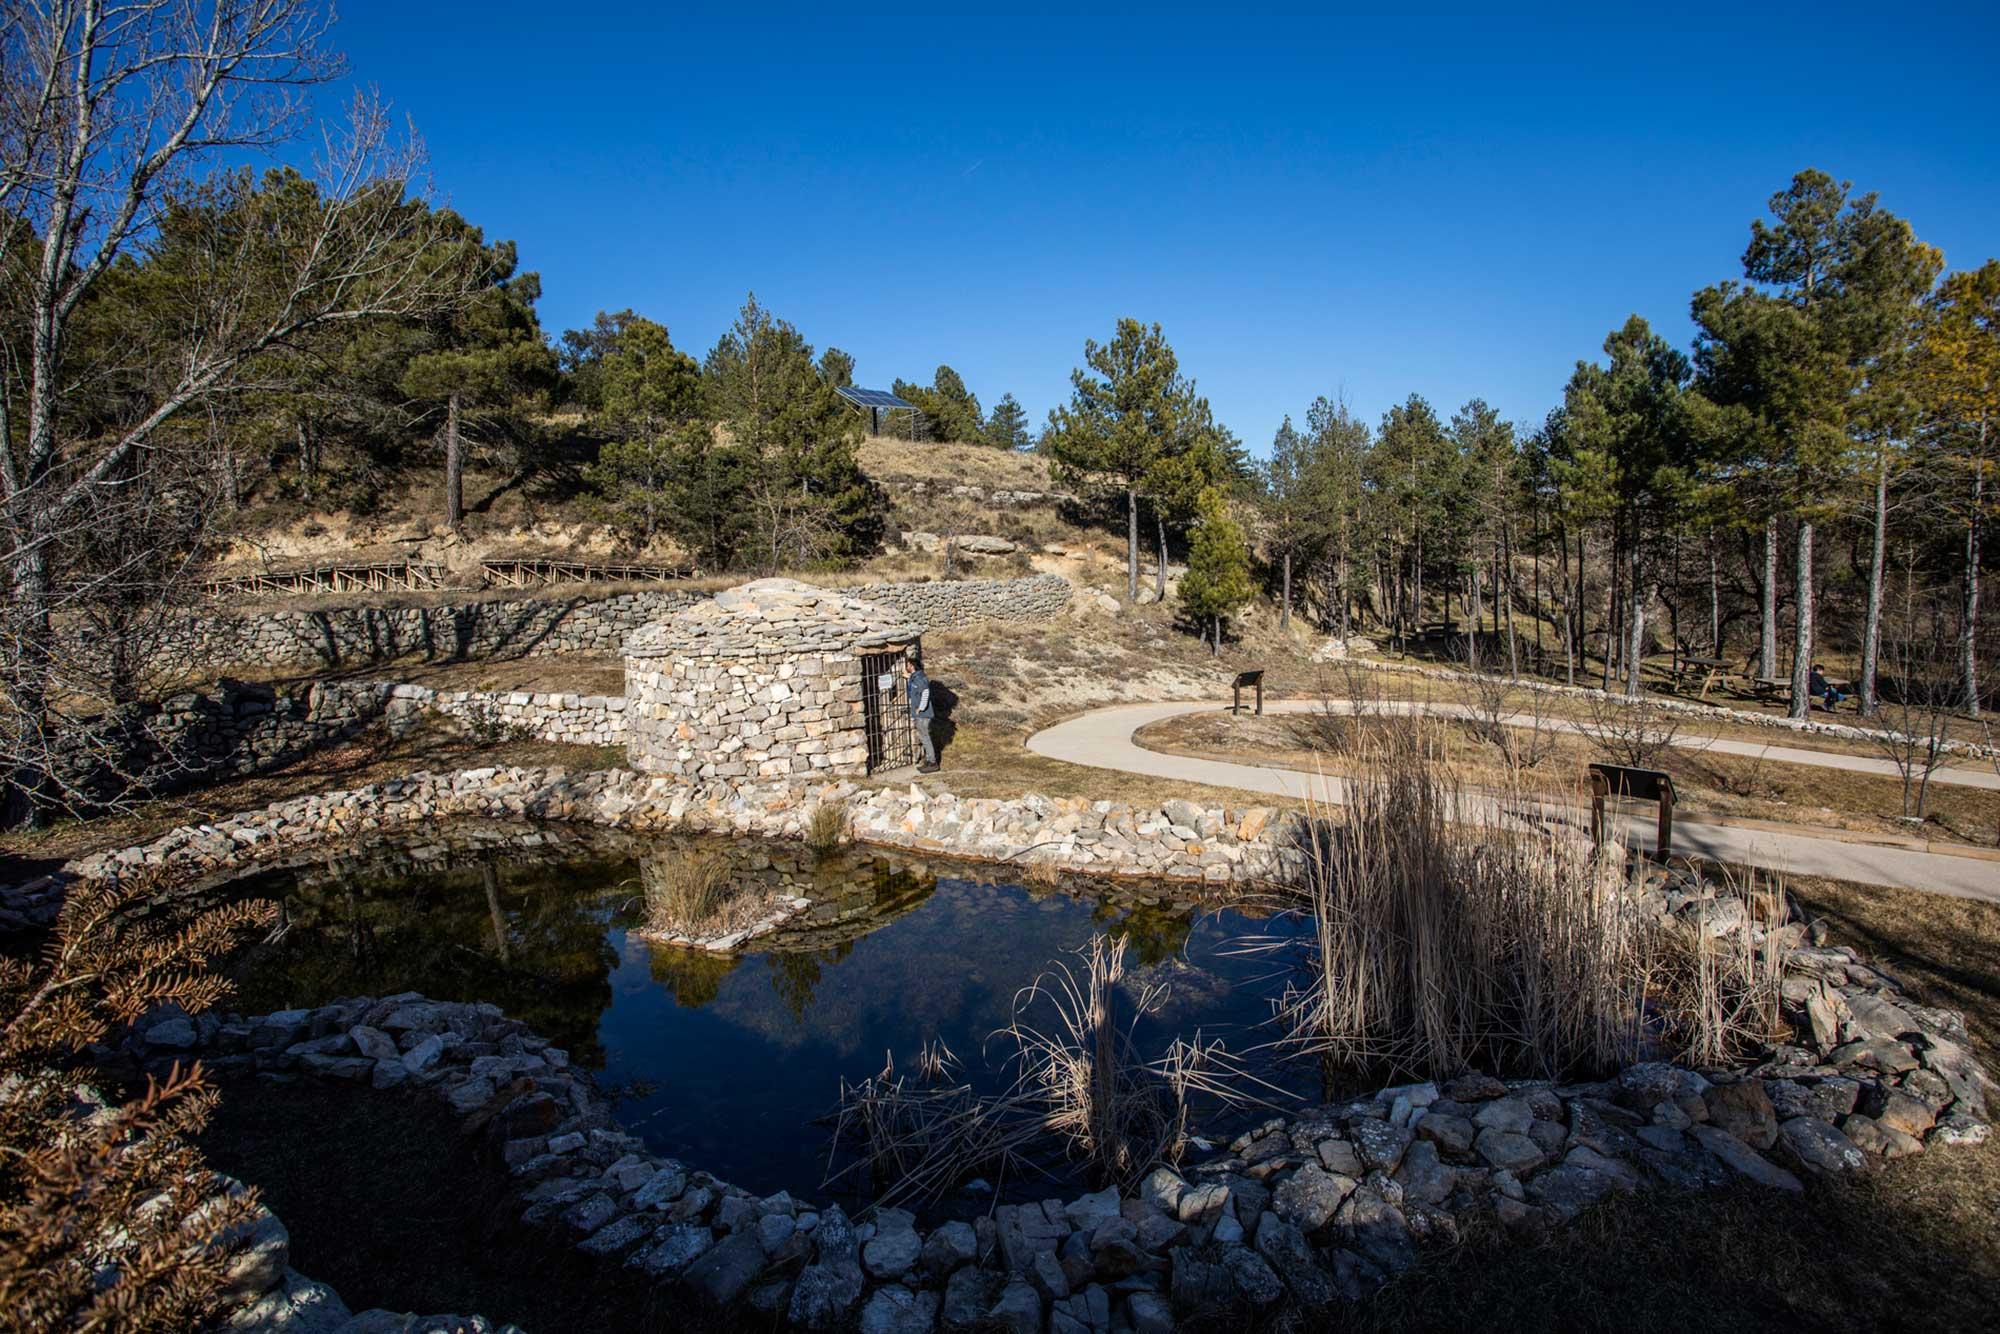 Las casetas de piedra son refugios rurales usados por pastores o como almacenes agrícolas.